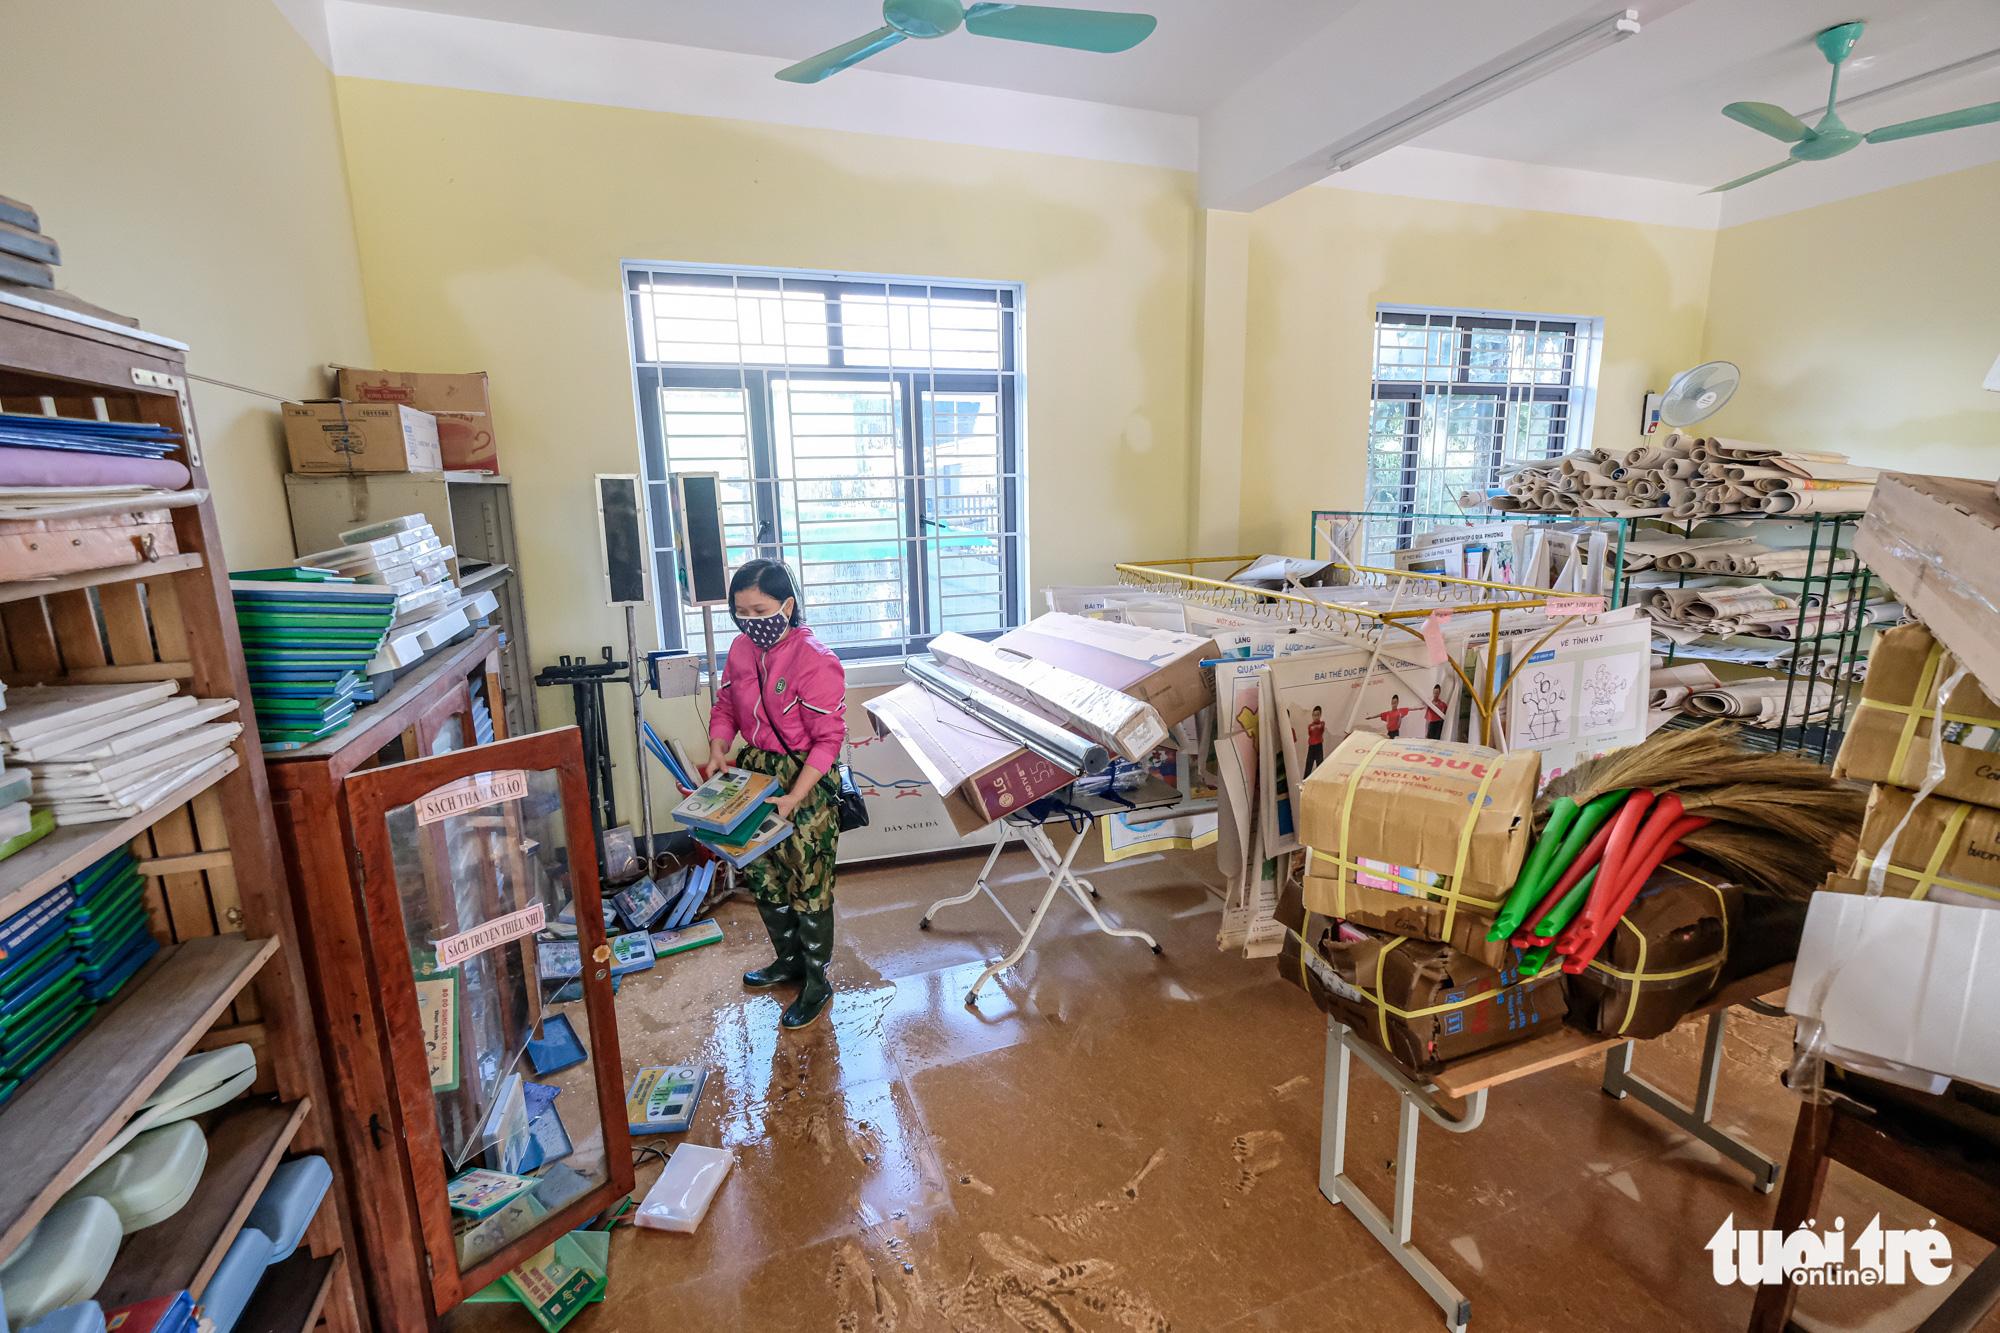 A woman tidies up a classroom at a school in Ha Tinh Province, Vietnam, October 22, 2020. Photo: Nam Tran / Tuoi Tre